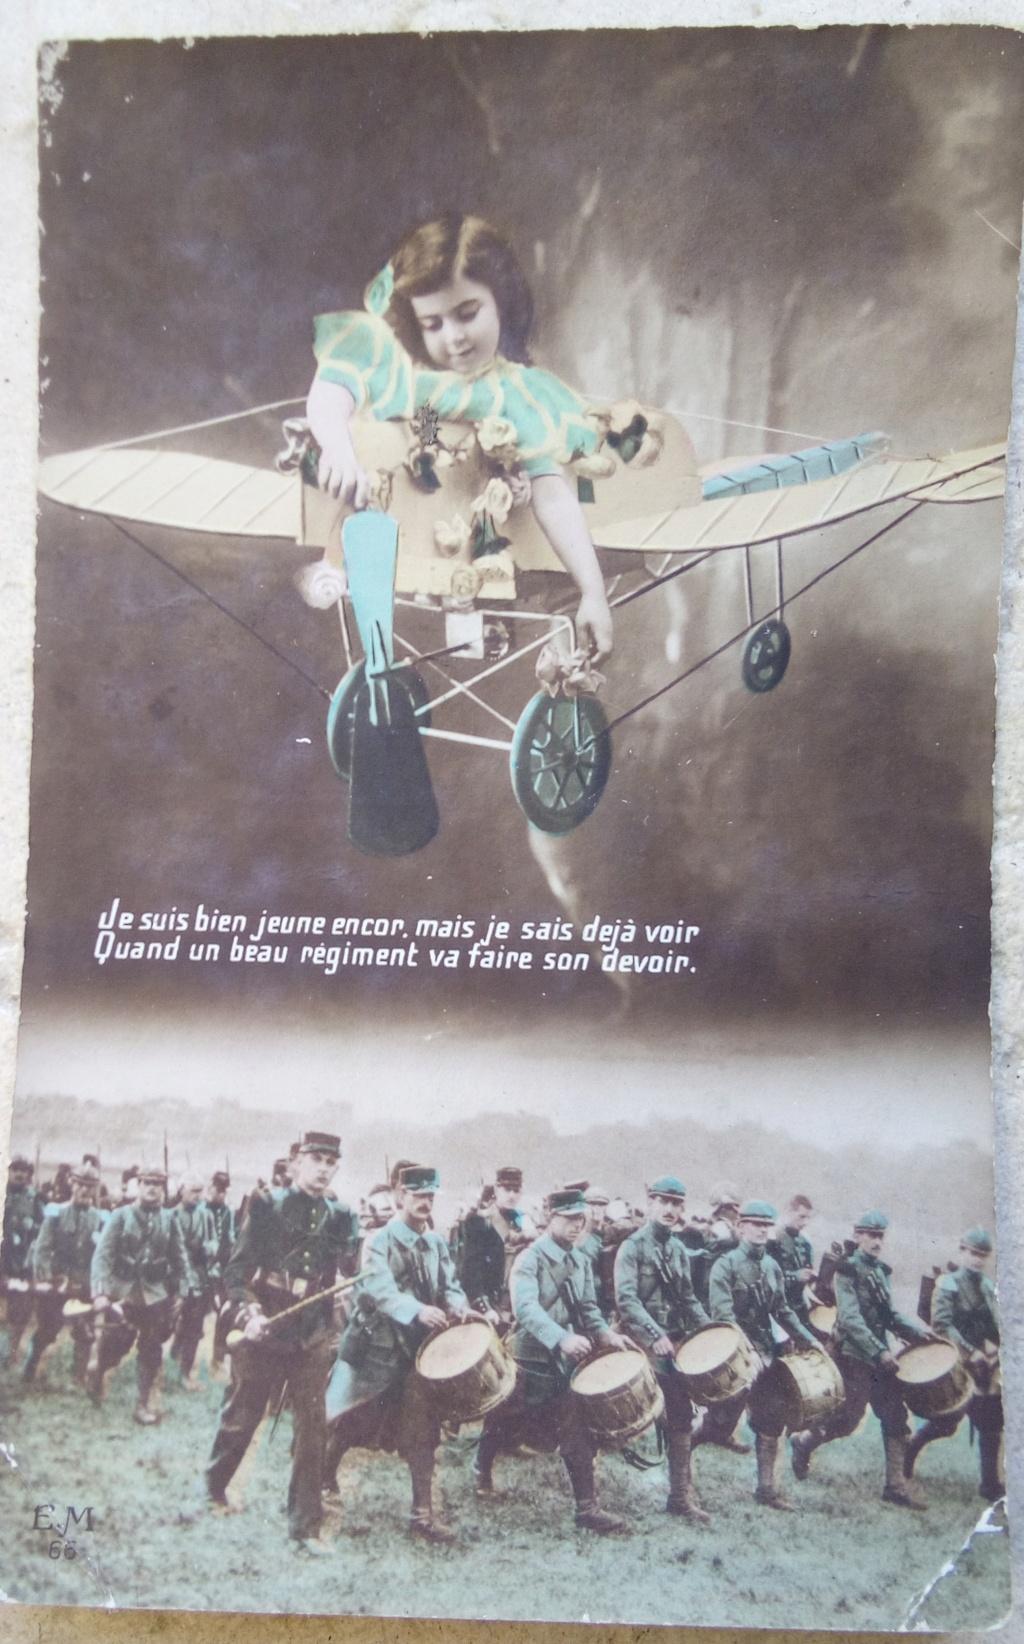 Cartes postales patriotiques françaises de la Grande Guerre - recensement - Page 2 Img_2816